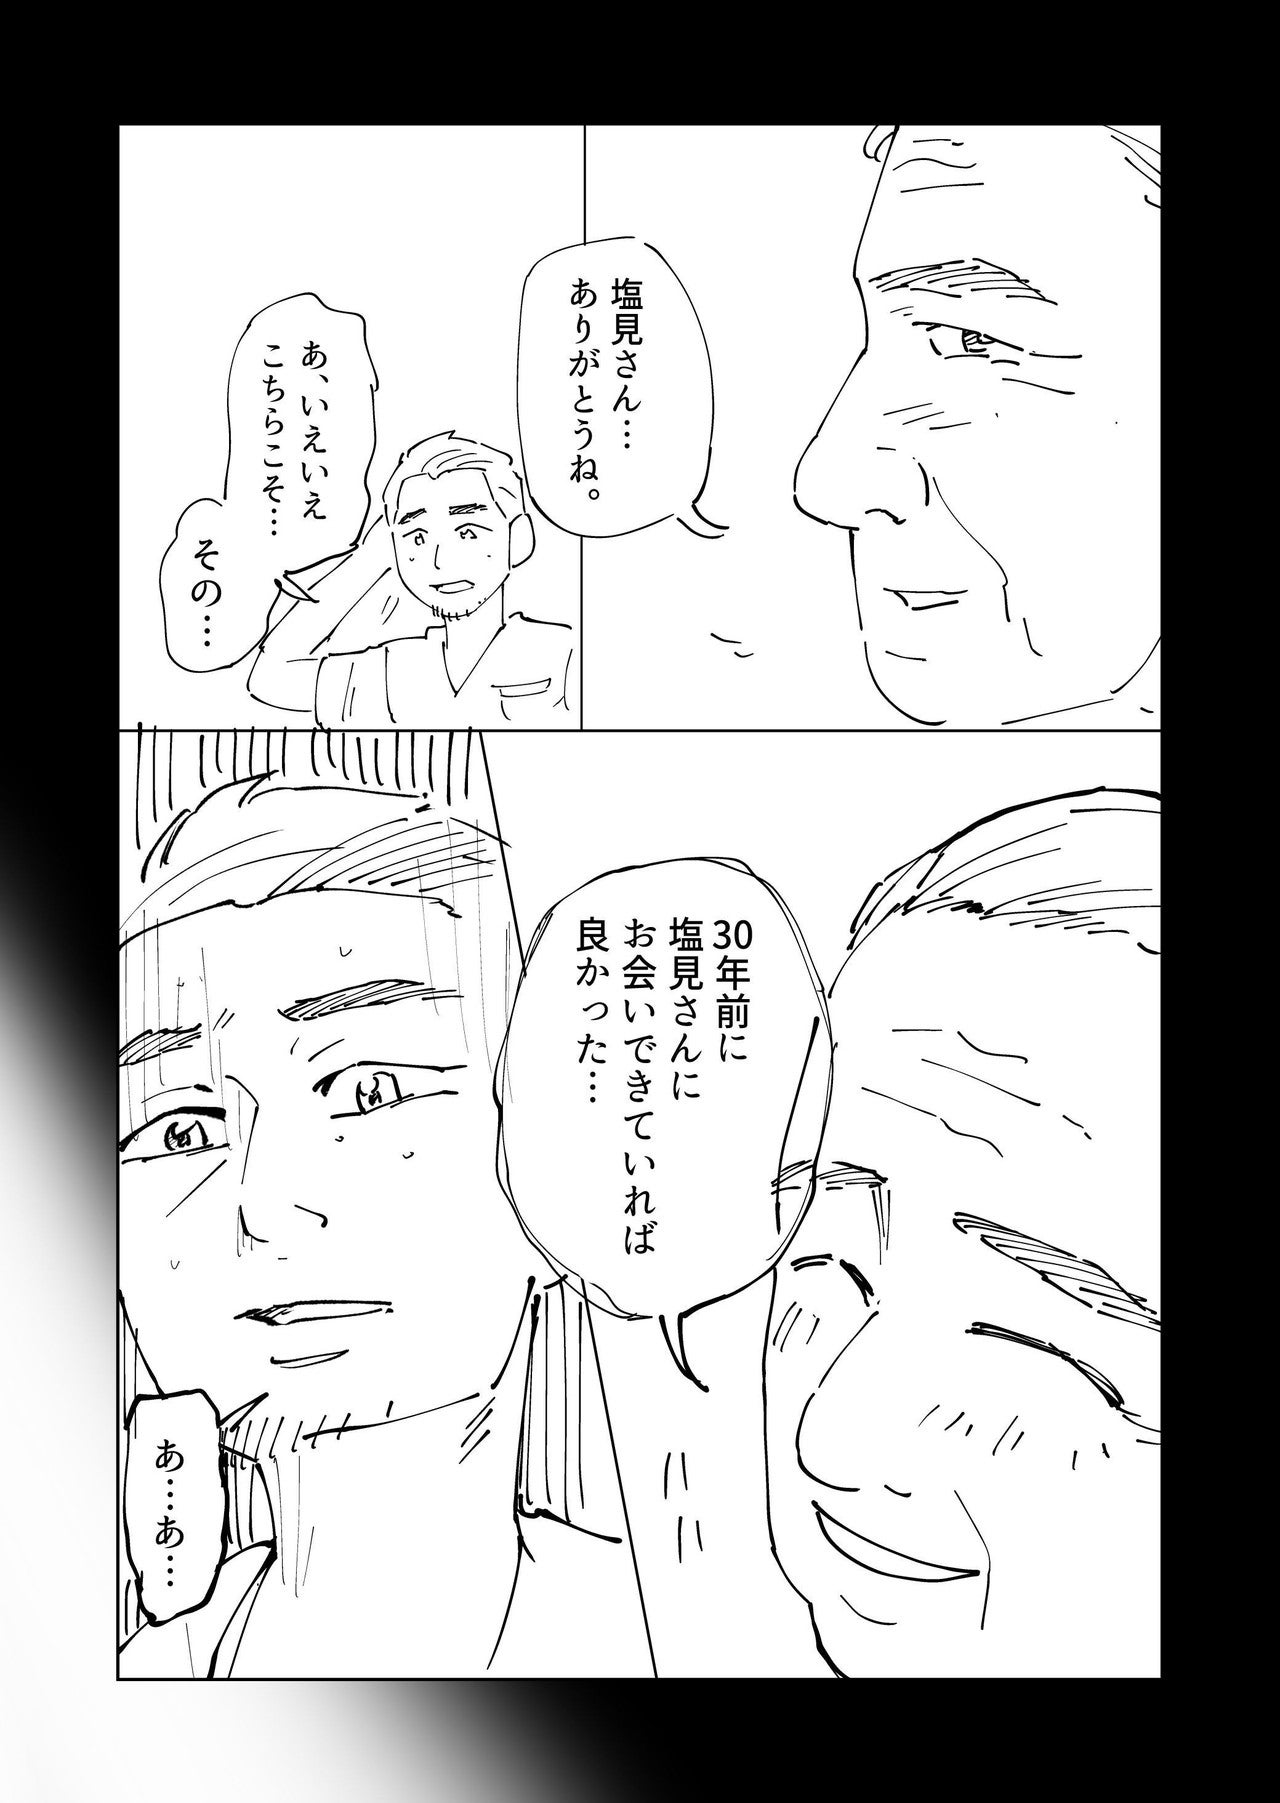 004:30年後のあなたとあなたの大切な人を救いたい - Exult - Foolish まんがたり前田 note